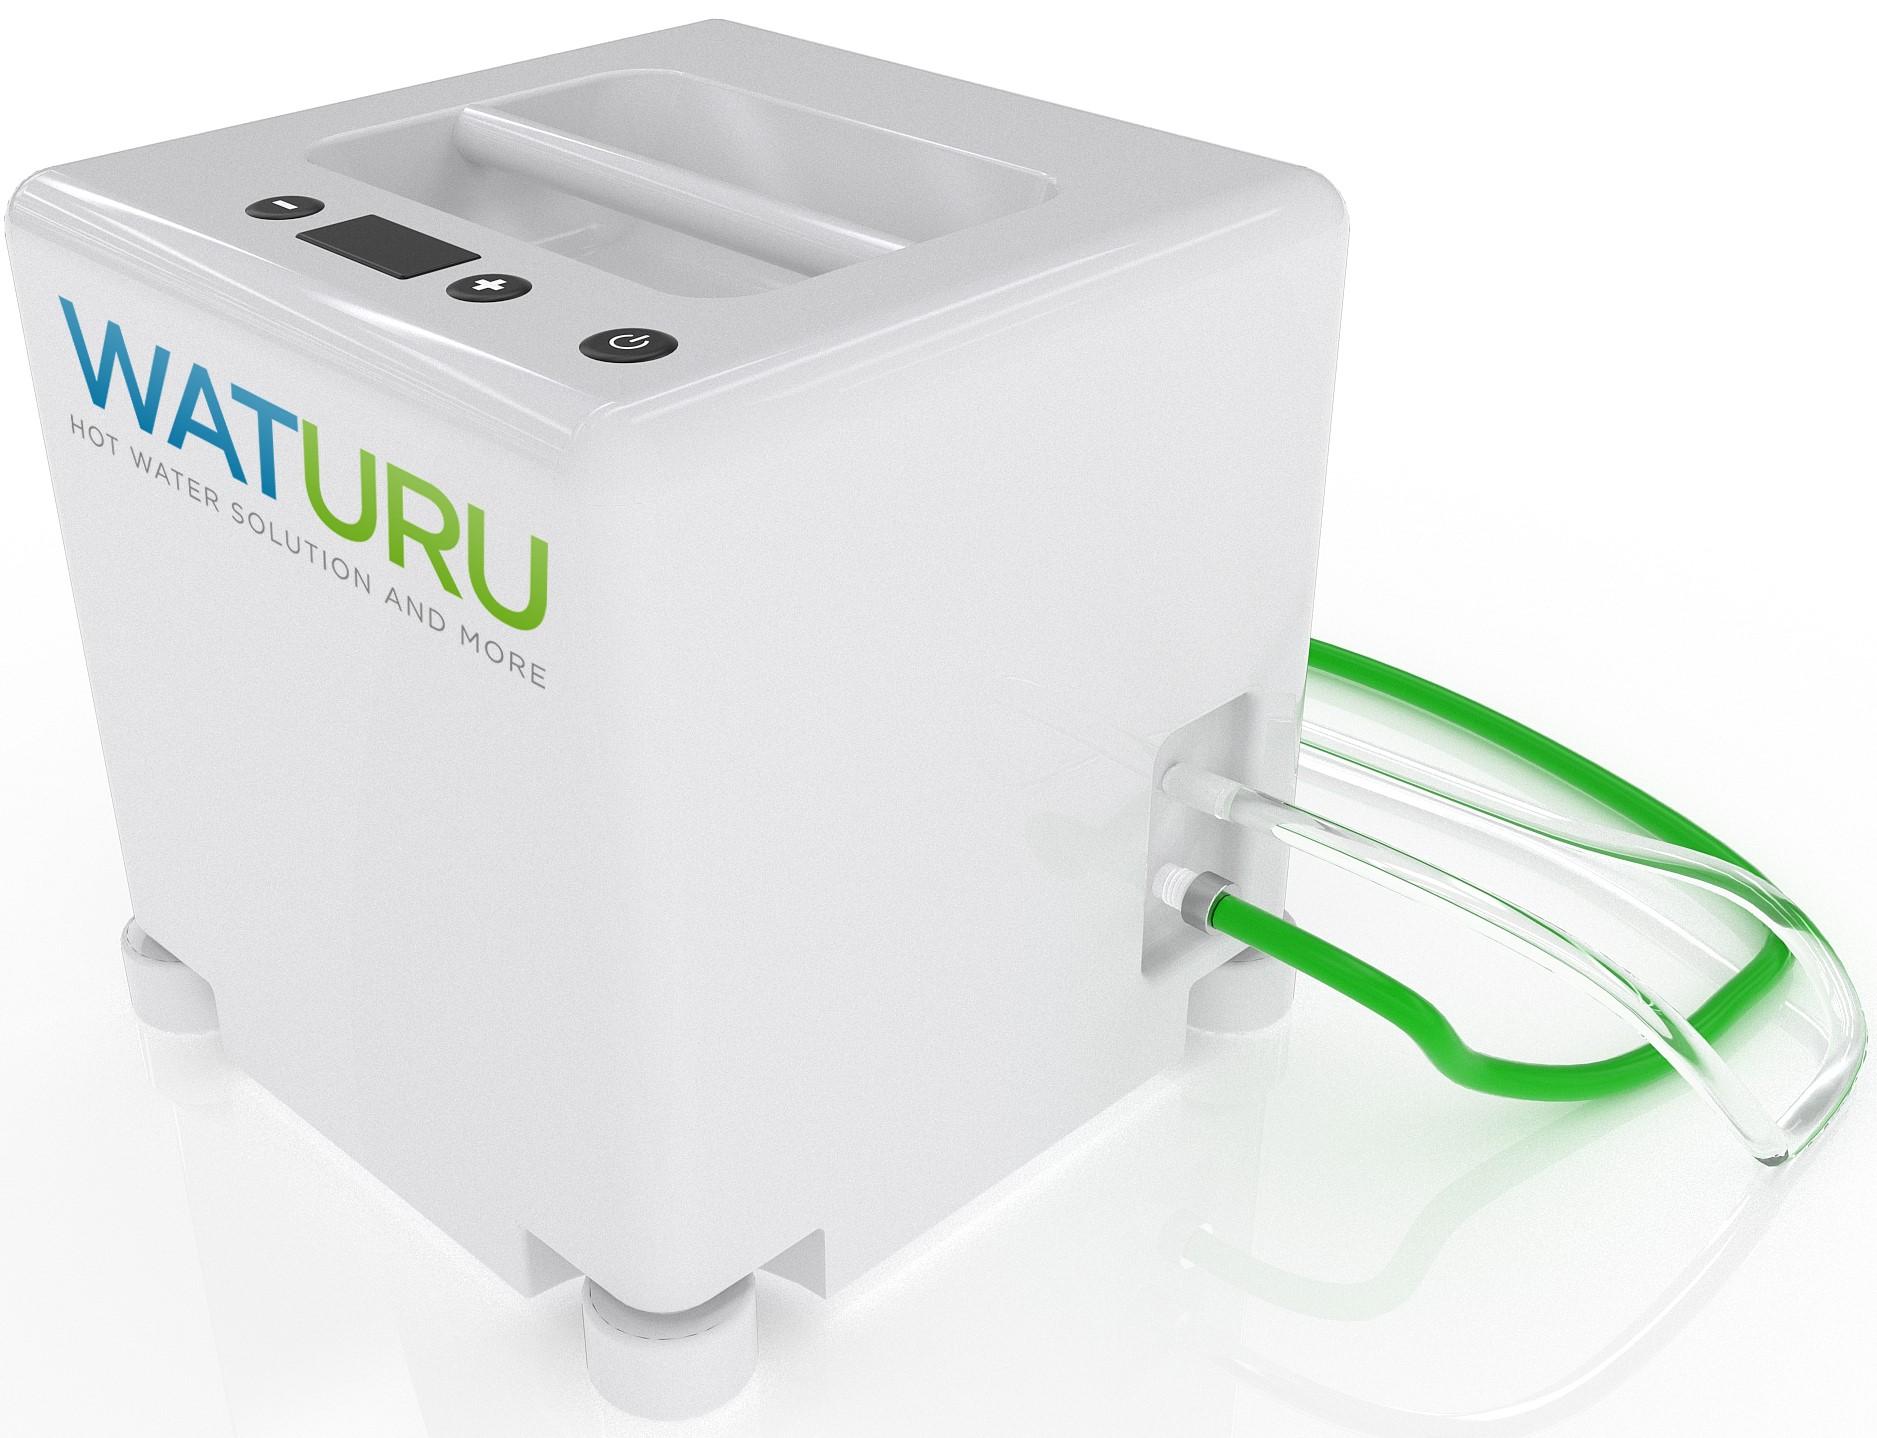 Mobile unit WATURU.jpg